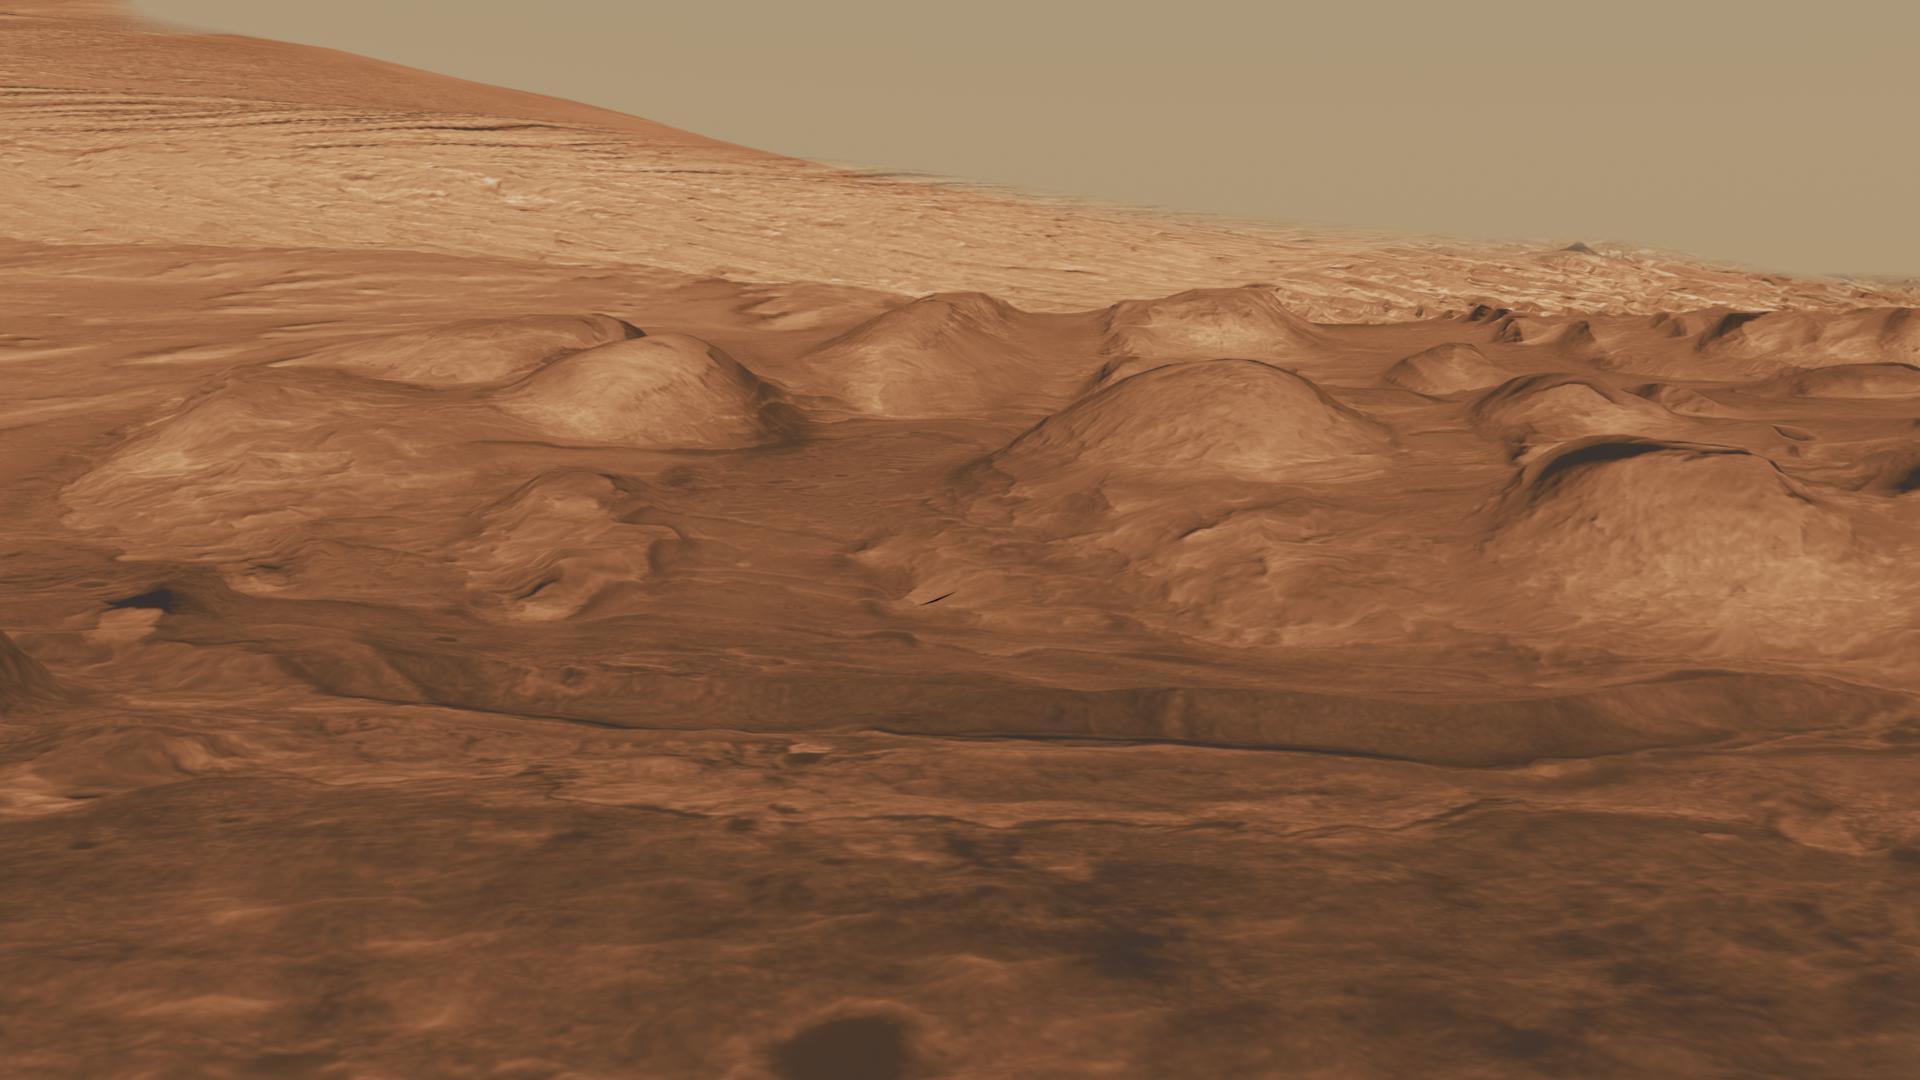 Mars'ın Gale Krateri'ndeki kayalık katmanlar. [NASA/JPL-Caltech/University of Arizona]